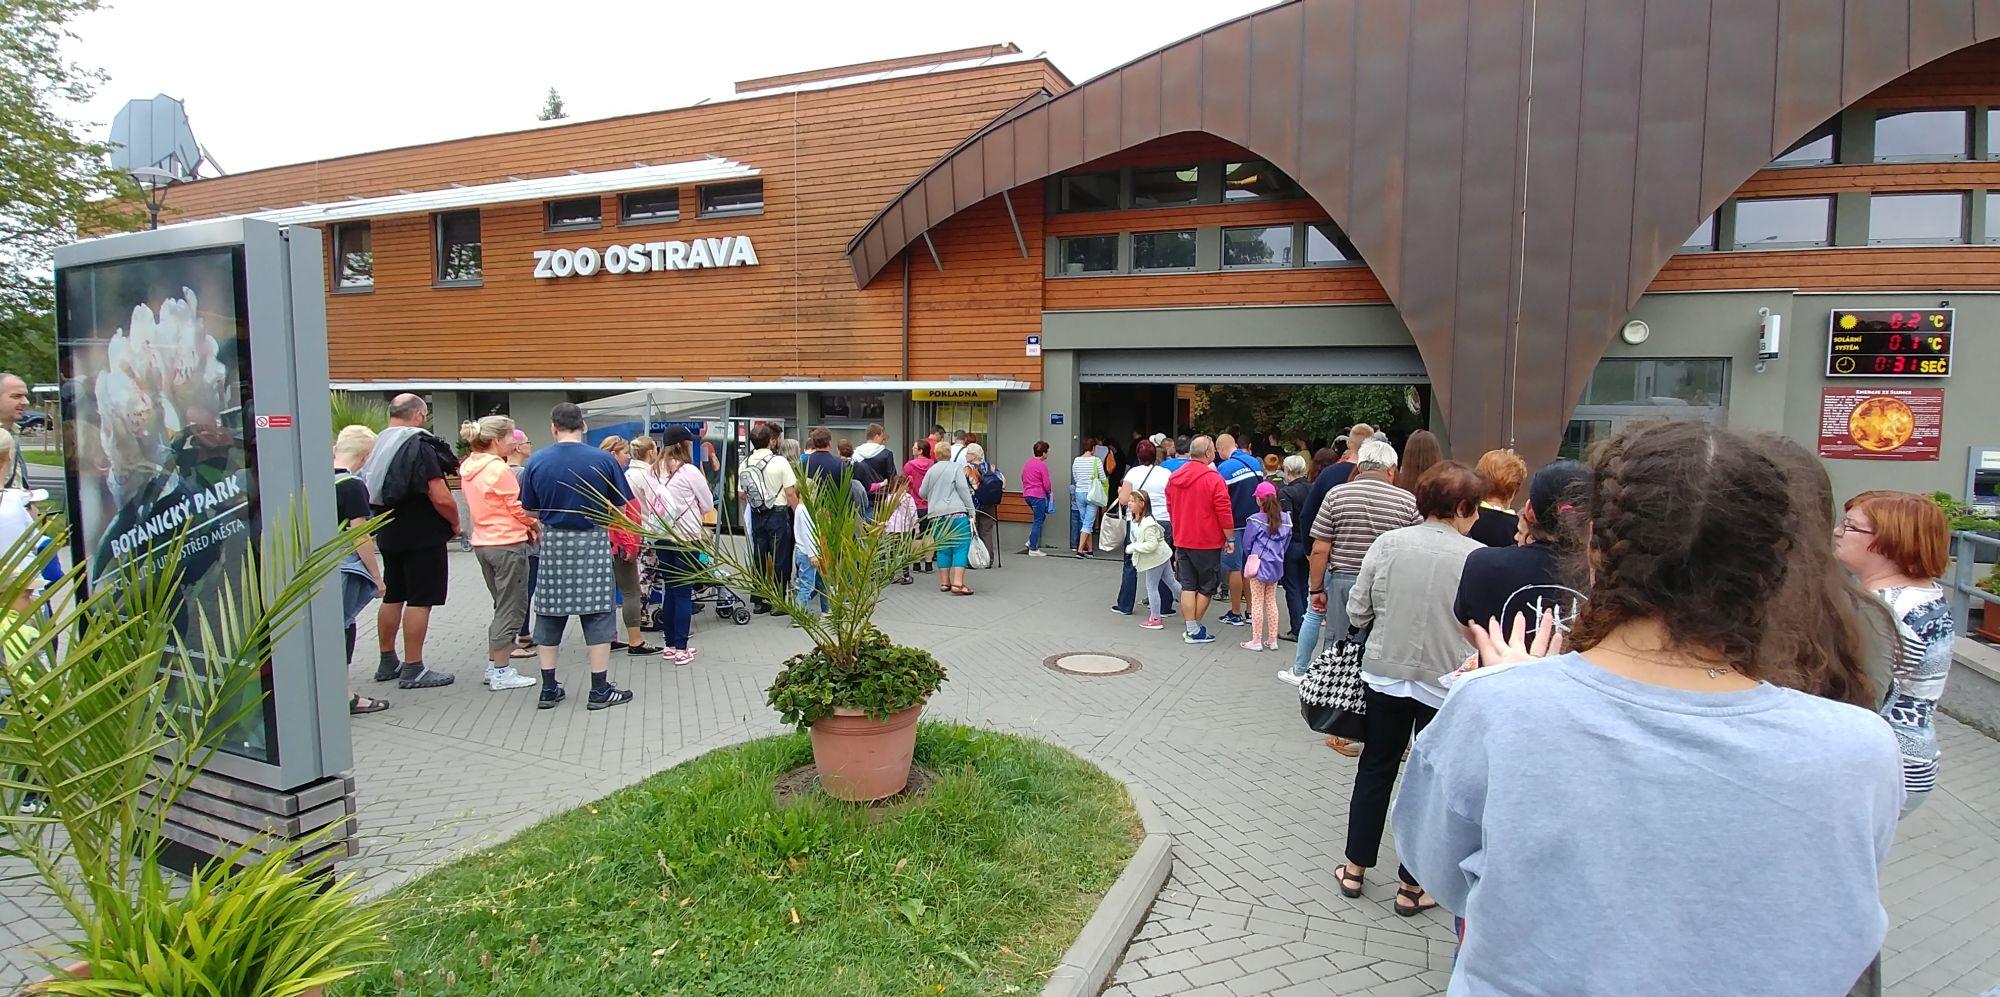 kolejka do wejścia w ZOO Ostrava